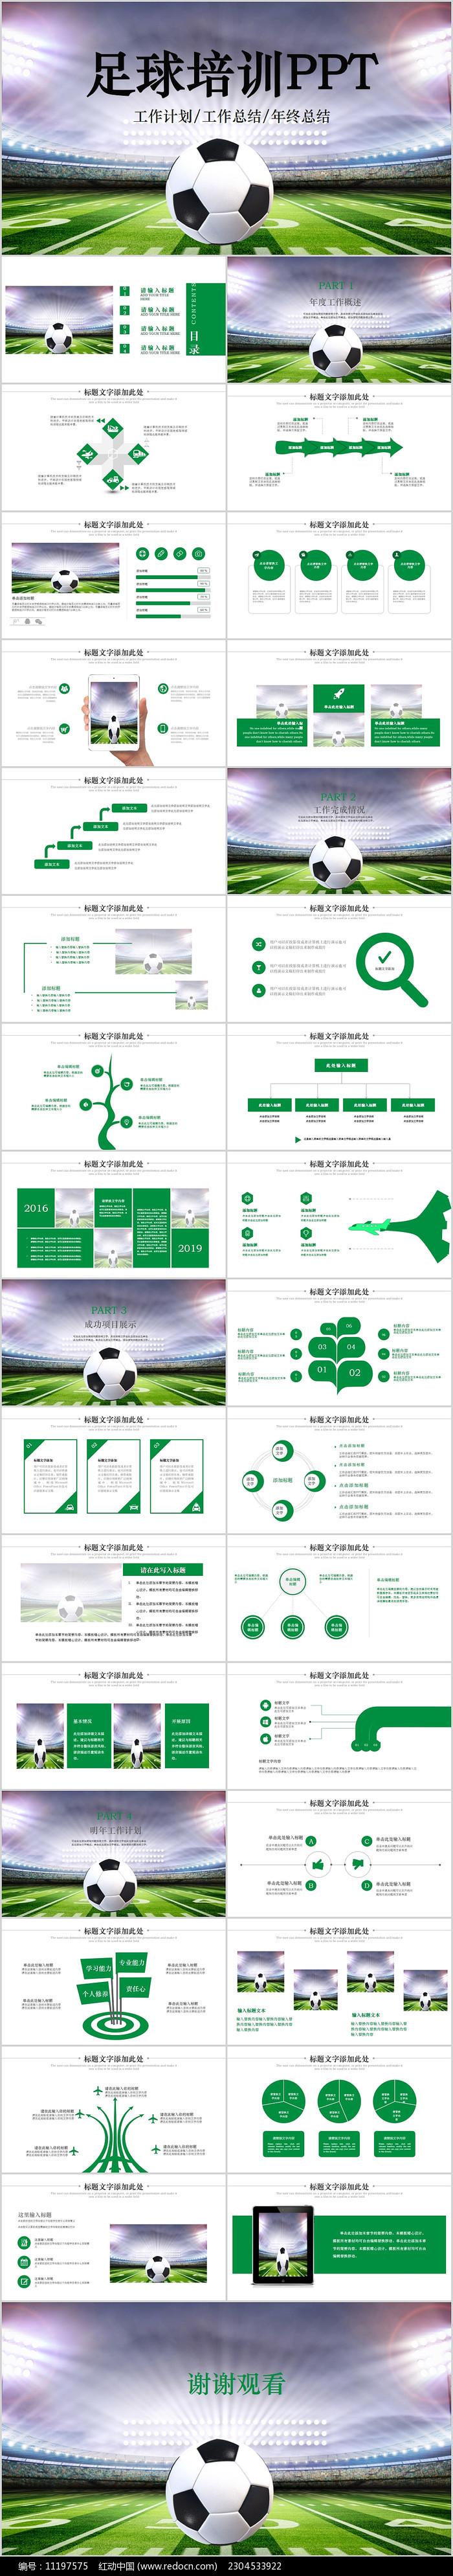 足球培训俱乐部宣传动态PPT模板图片